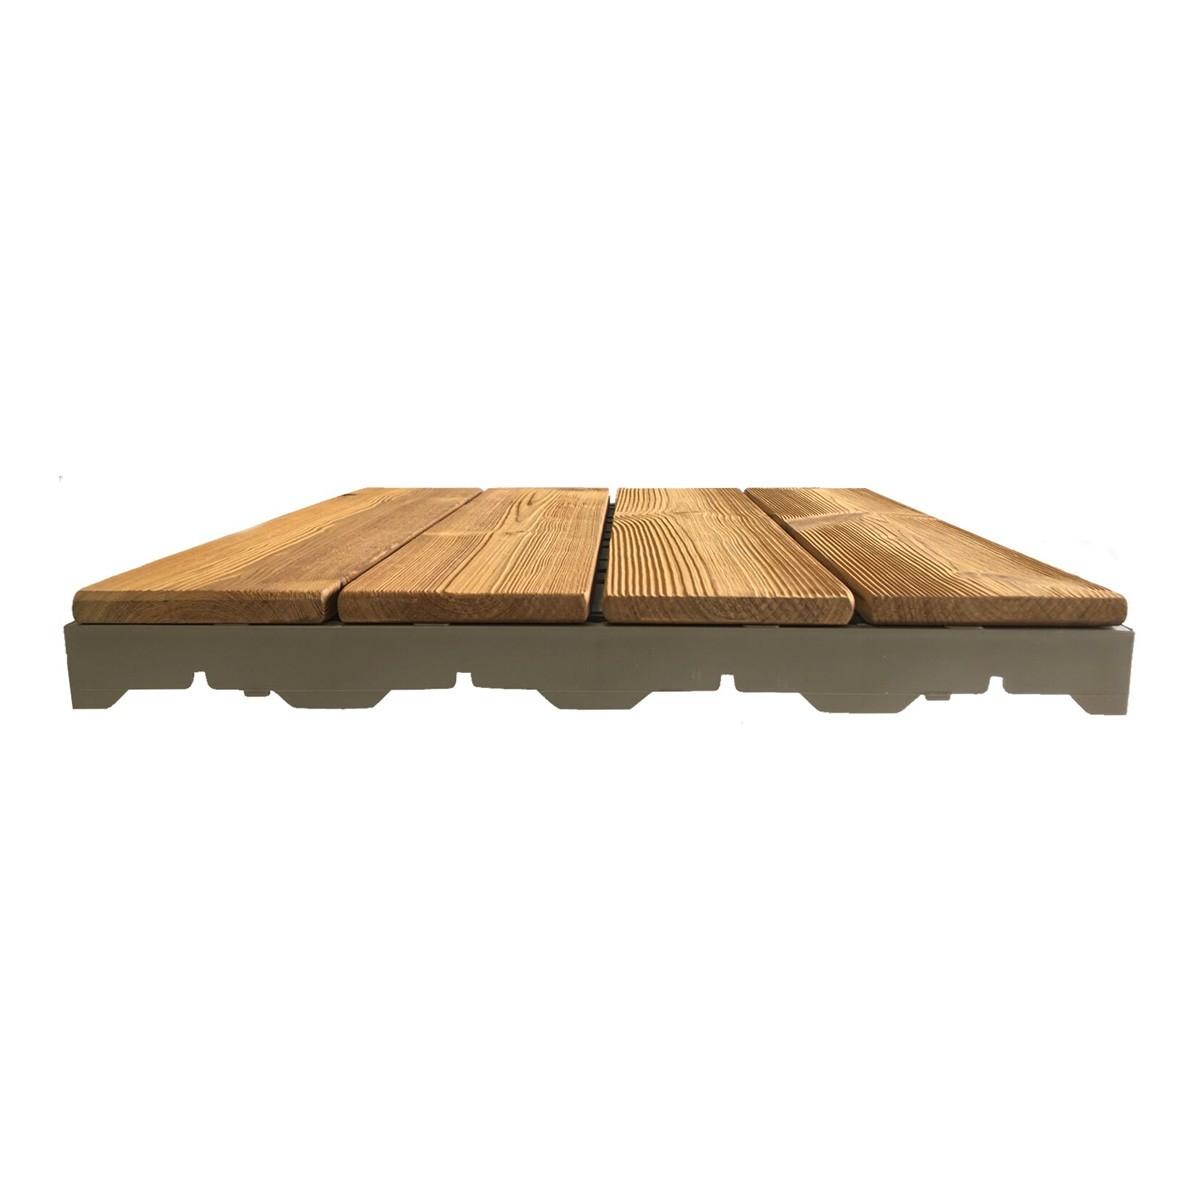 Piastrelle Di Legno Per Esterno.Woodplate Thermowood Naturale Piastrella In Legno